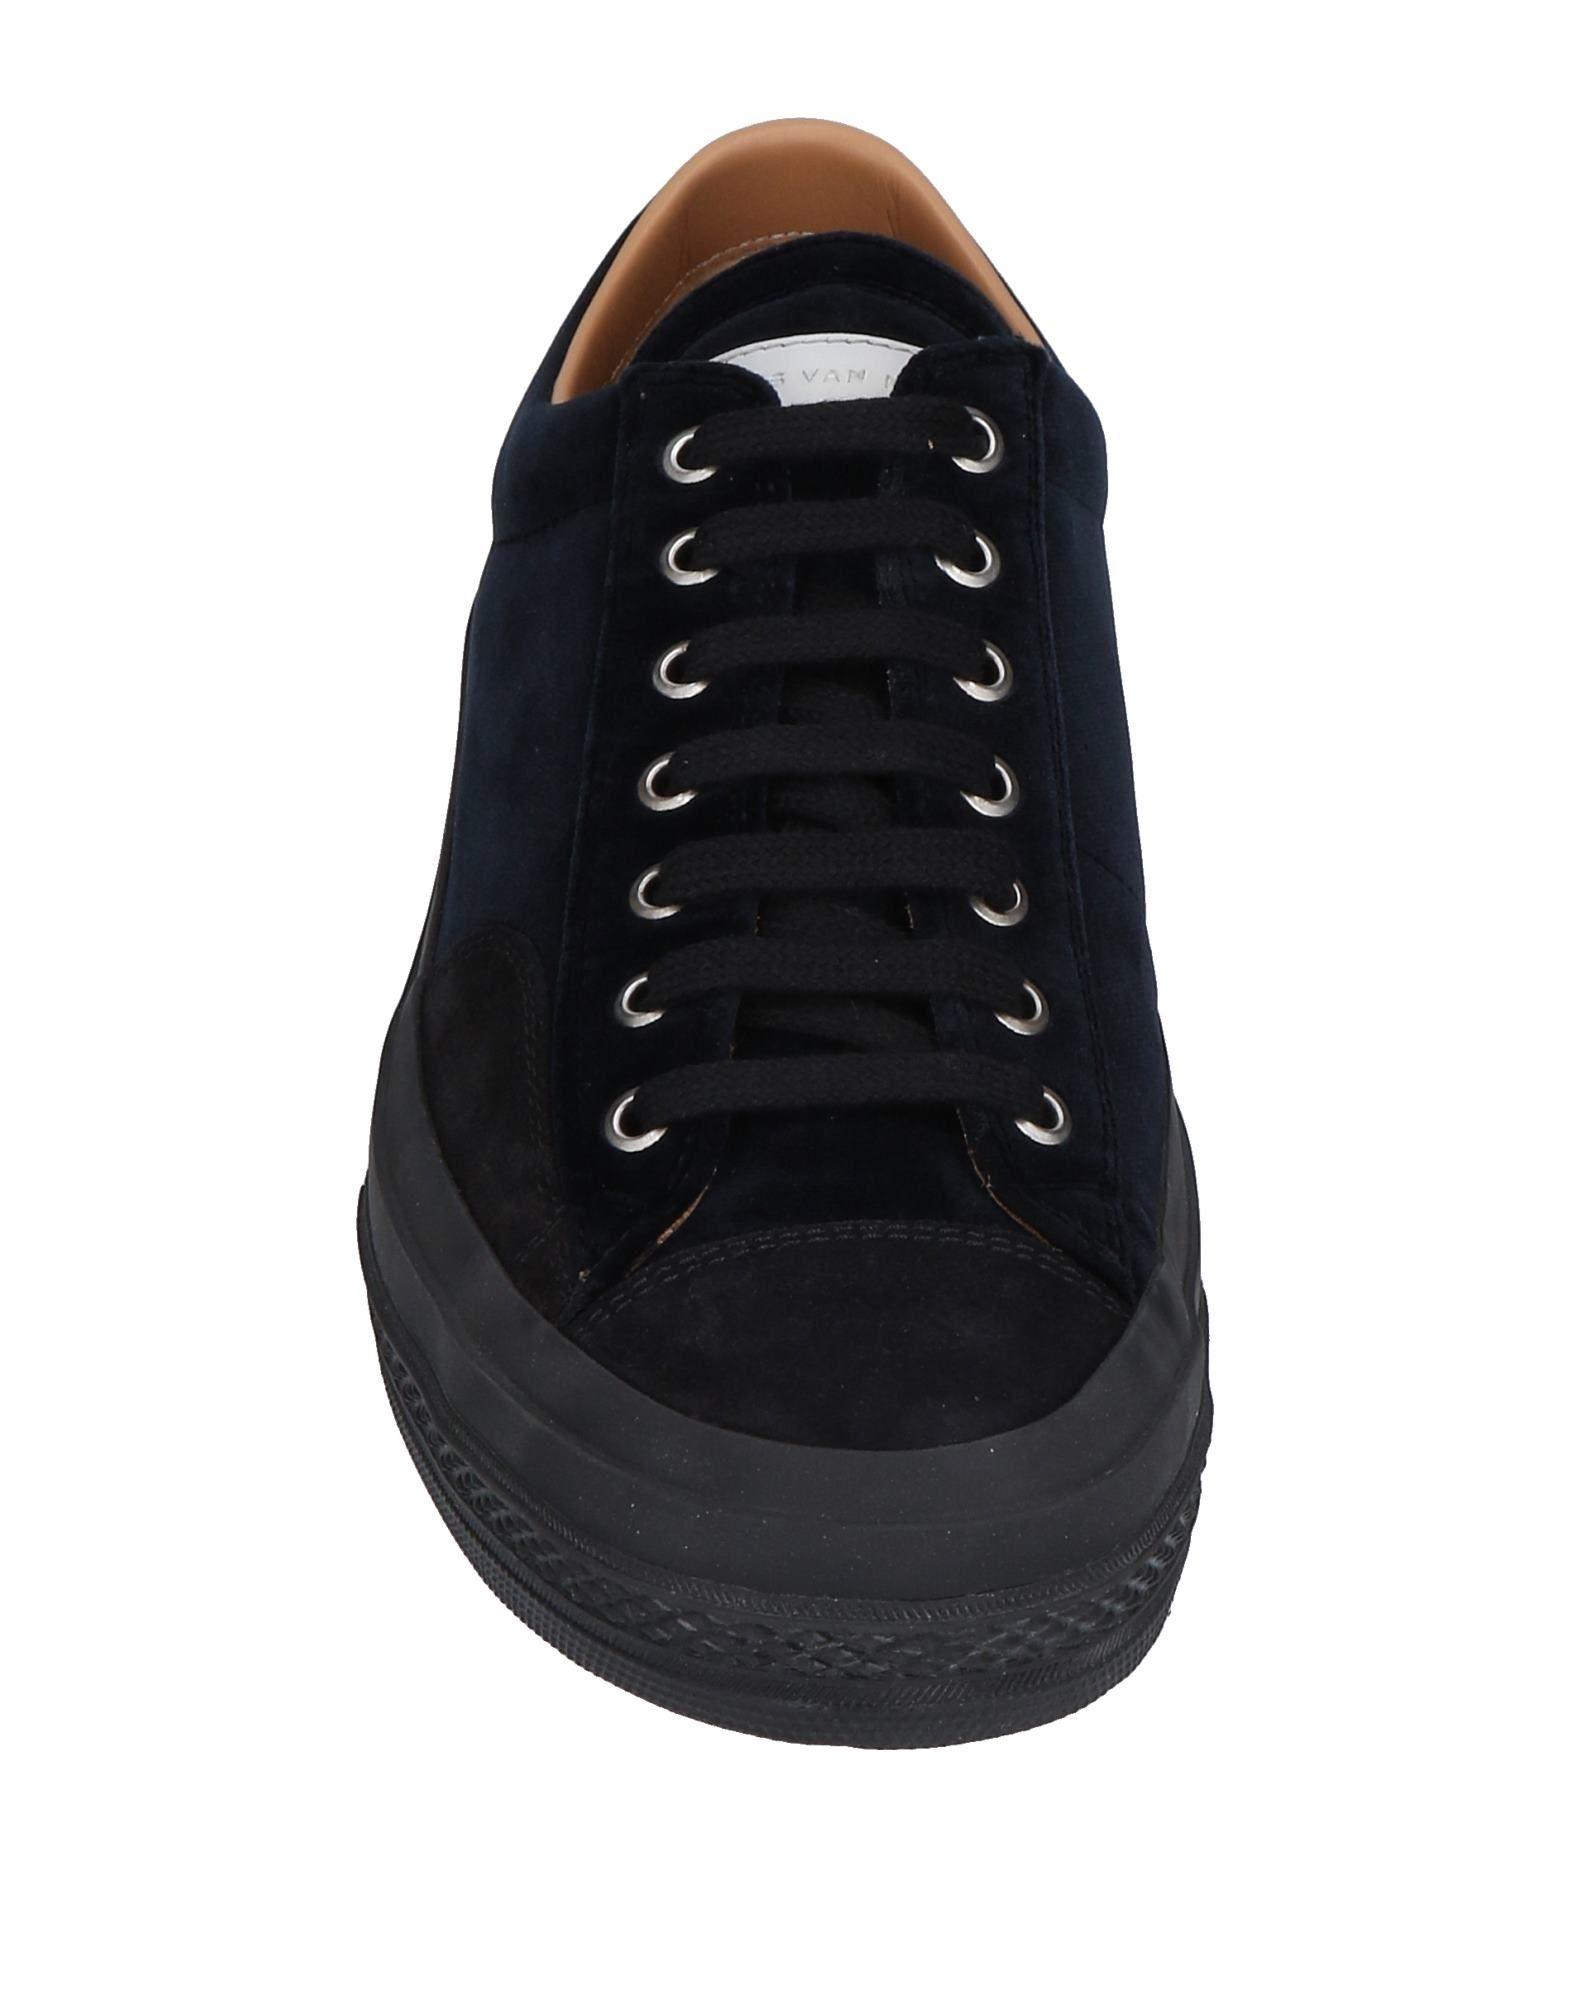 Dries Van Noten Sneakers beliebte Herren  11501423KD Gute Qualität beliebte Sneakers Schuhe 7585bf